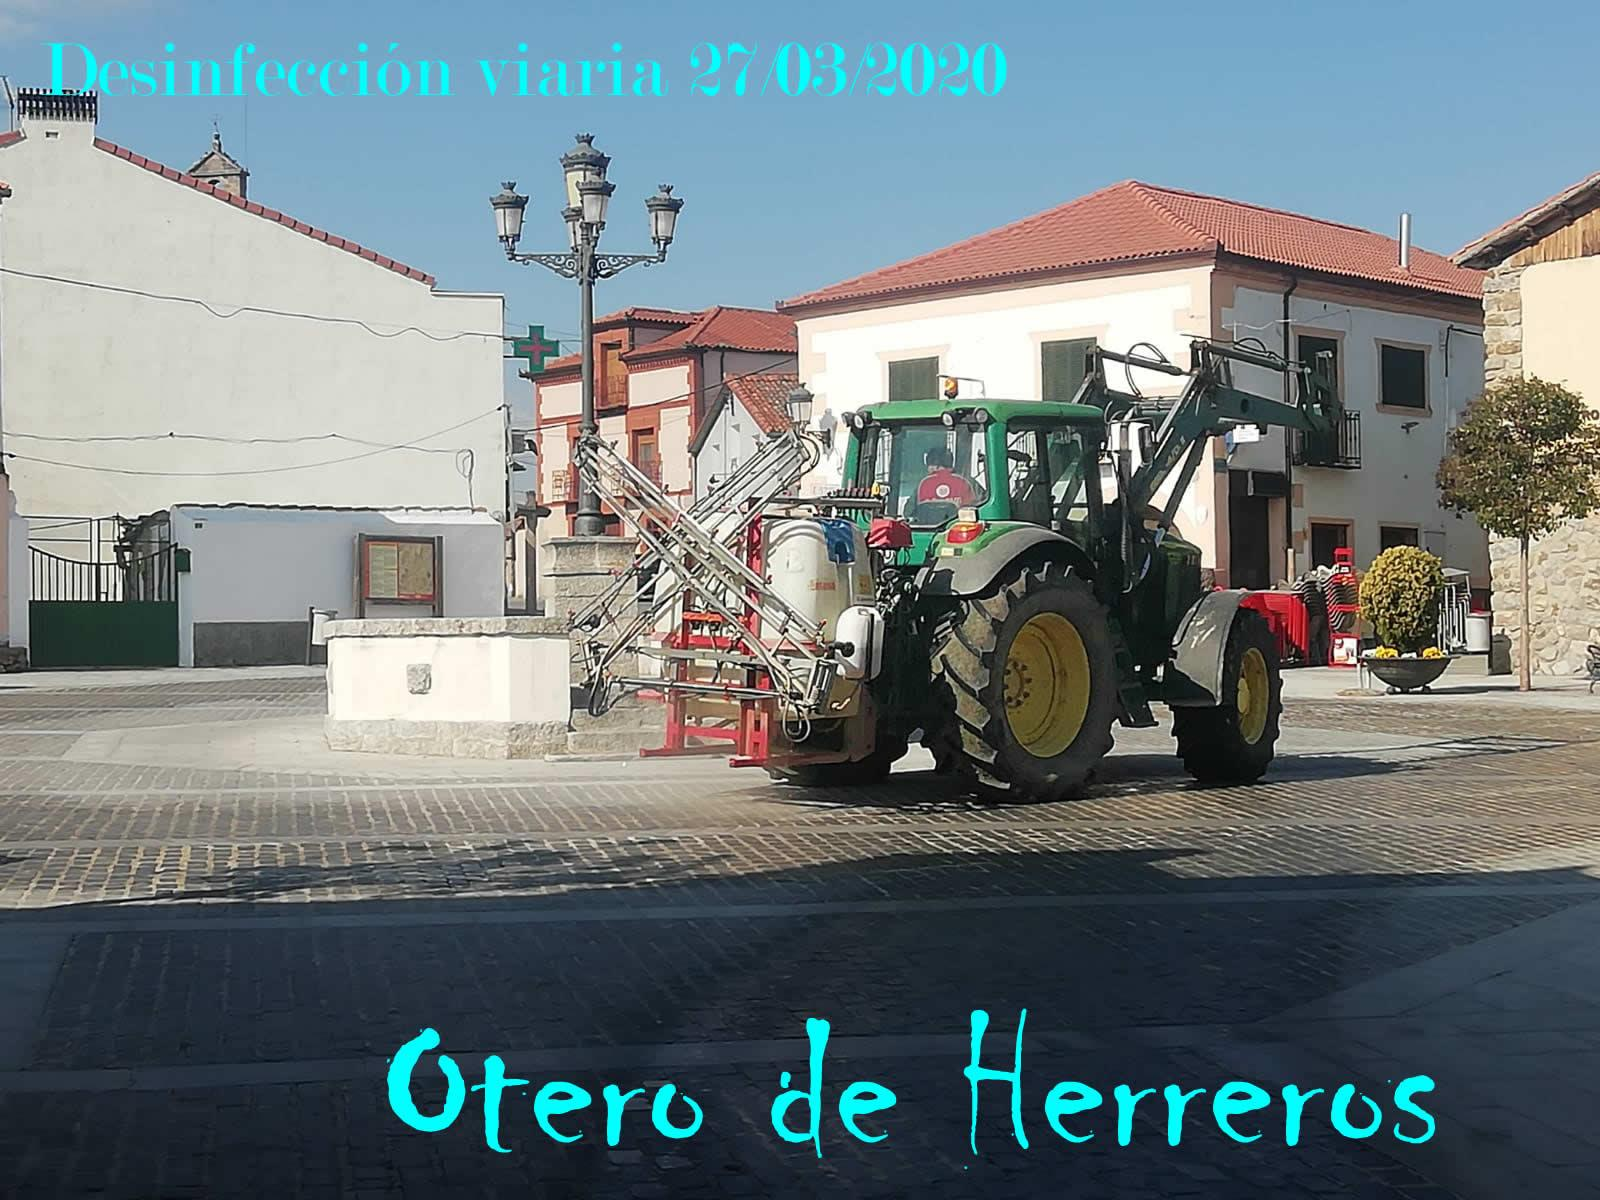 PHOTO-2020-03-27-10-39-31_1